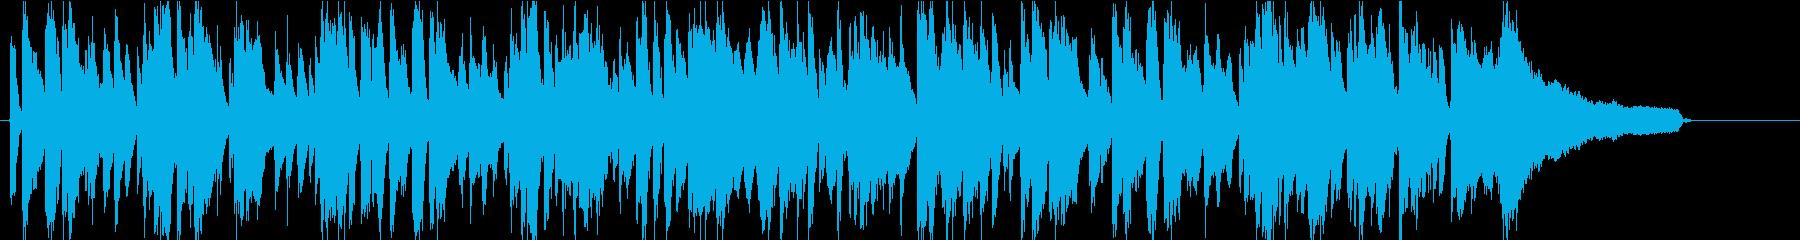 爽やかでミニマルなボサノバの再生済みの波形